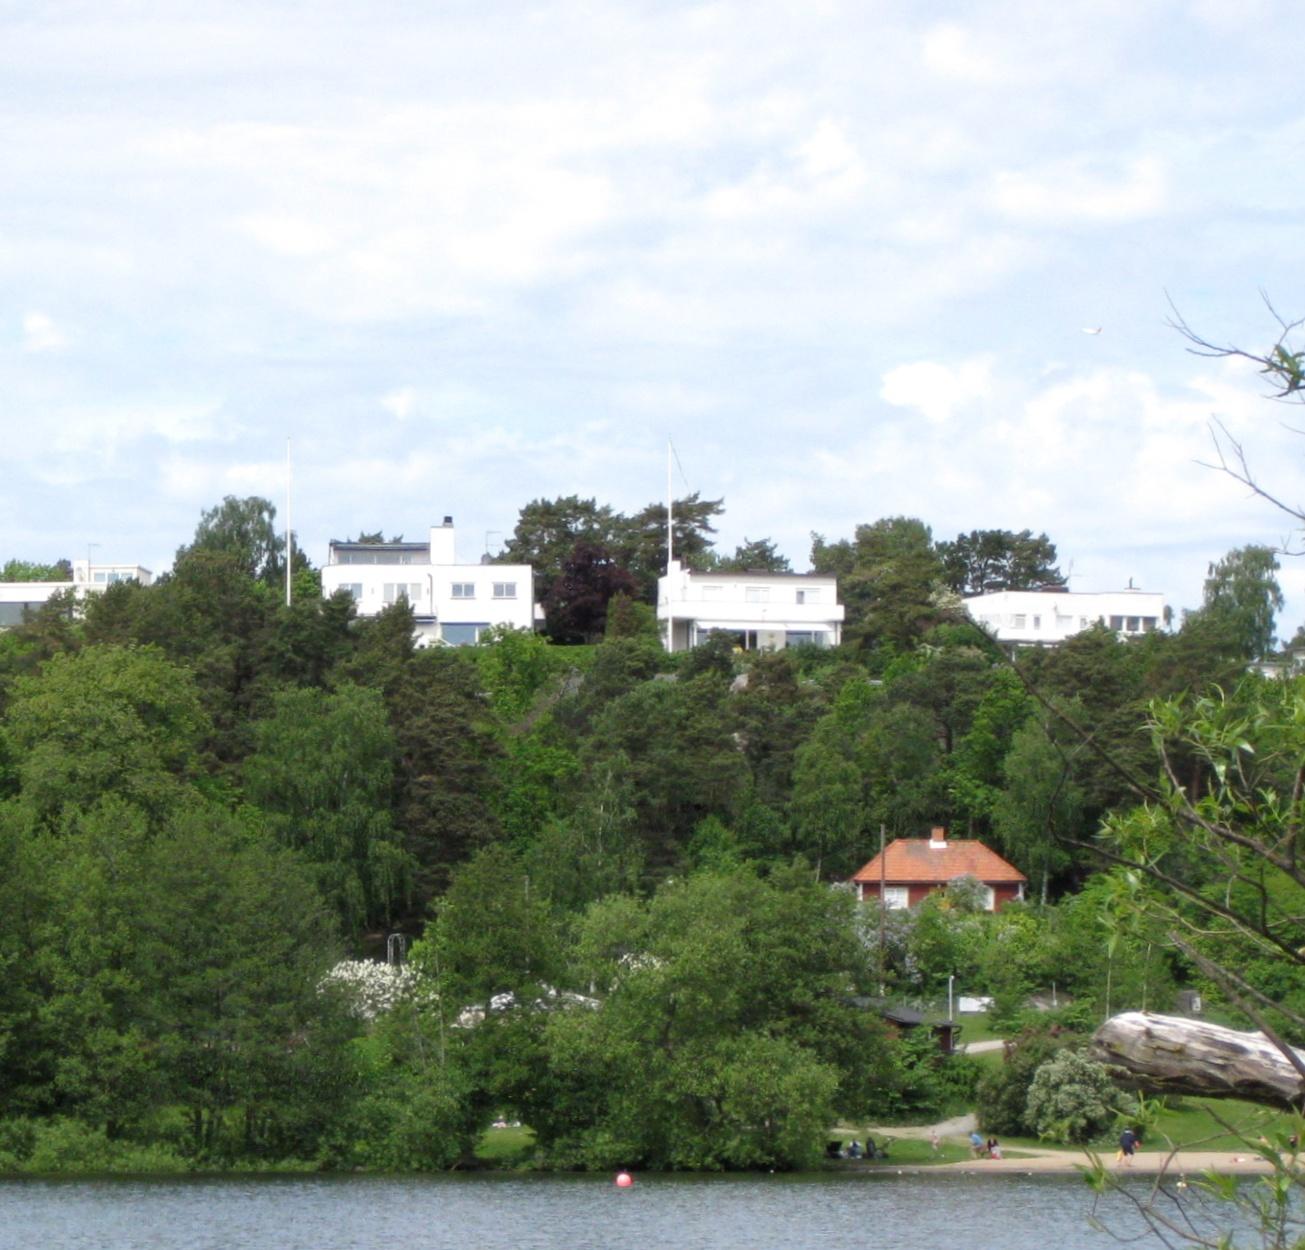 södra ängby